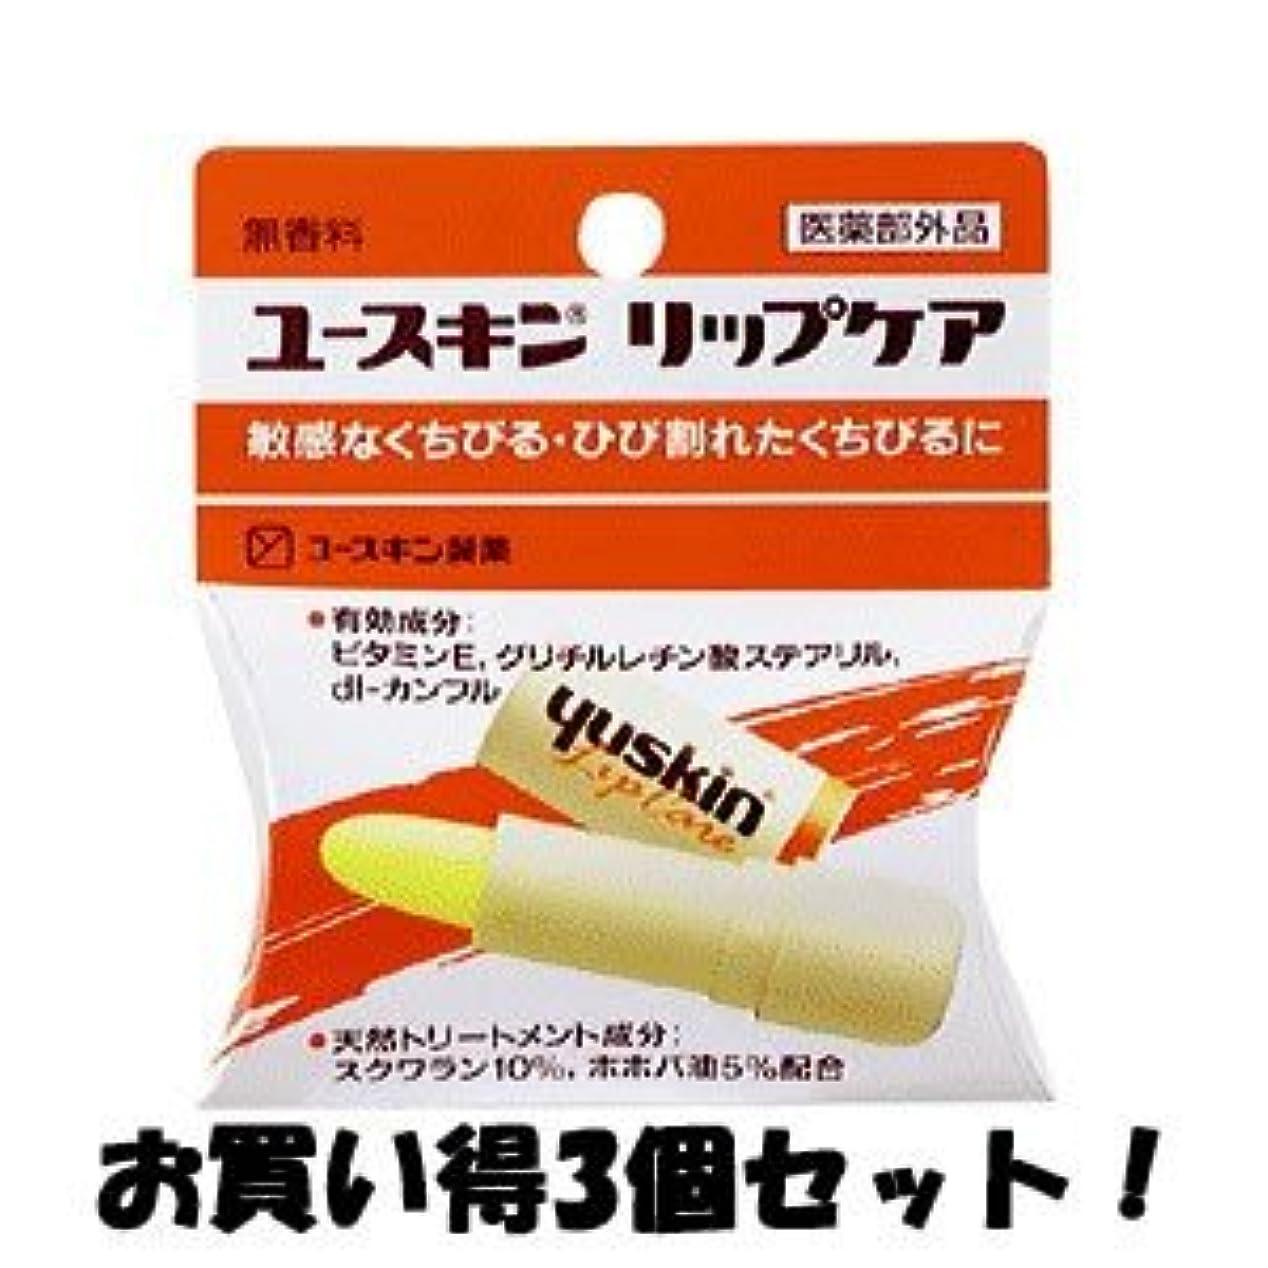 ラインナップ死ぬスペイン語(ユースキン製薬)ユースキン リップケア 3.5g(医薬部外品)(お買い得3個セット)